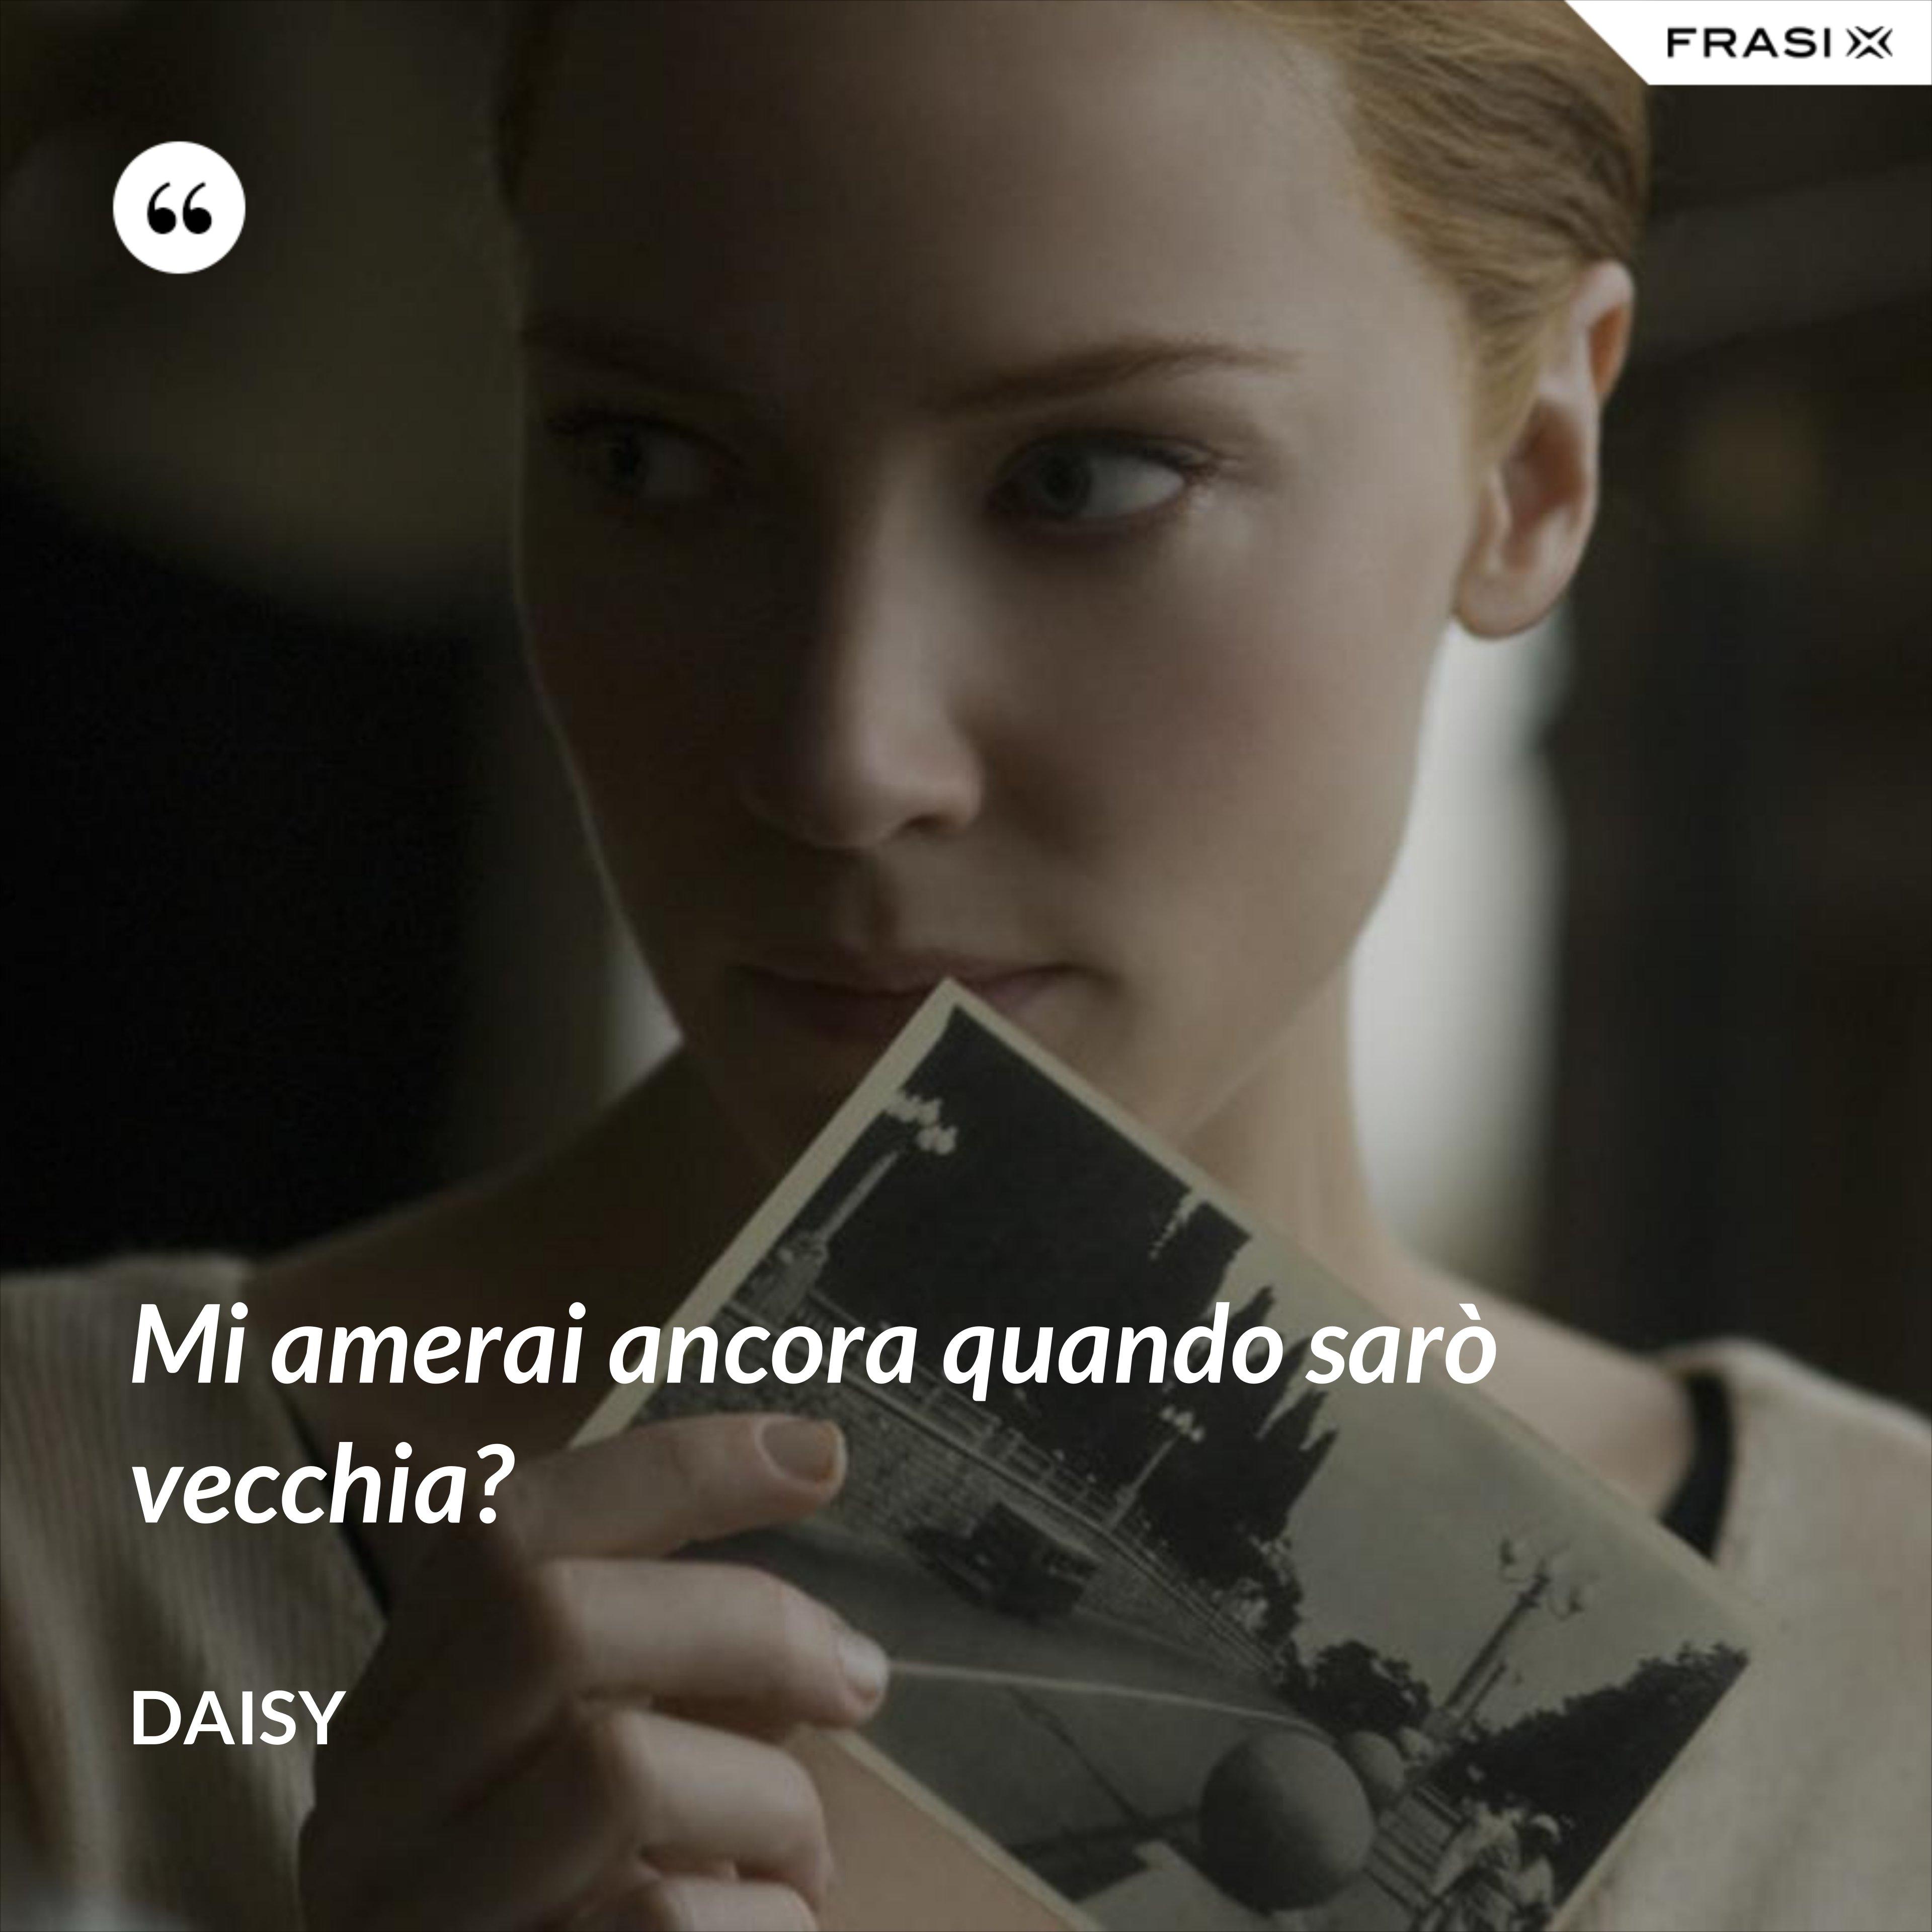 Mi amerai ancora quando sarò vecchia? - Daisy